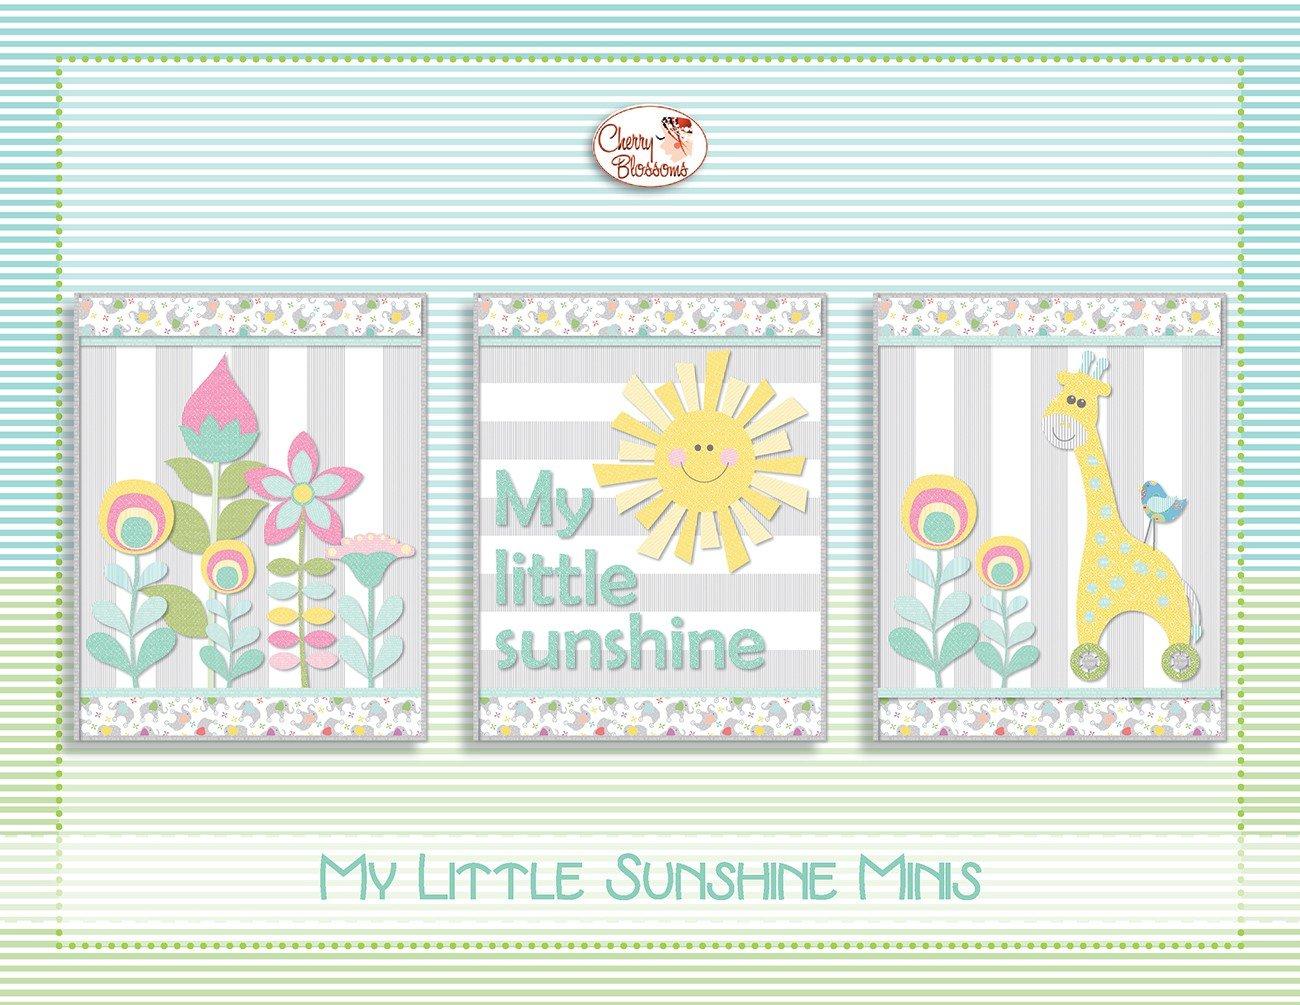 My Little Sunshine Minis